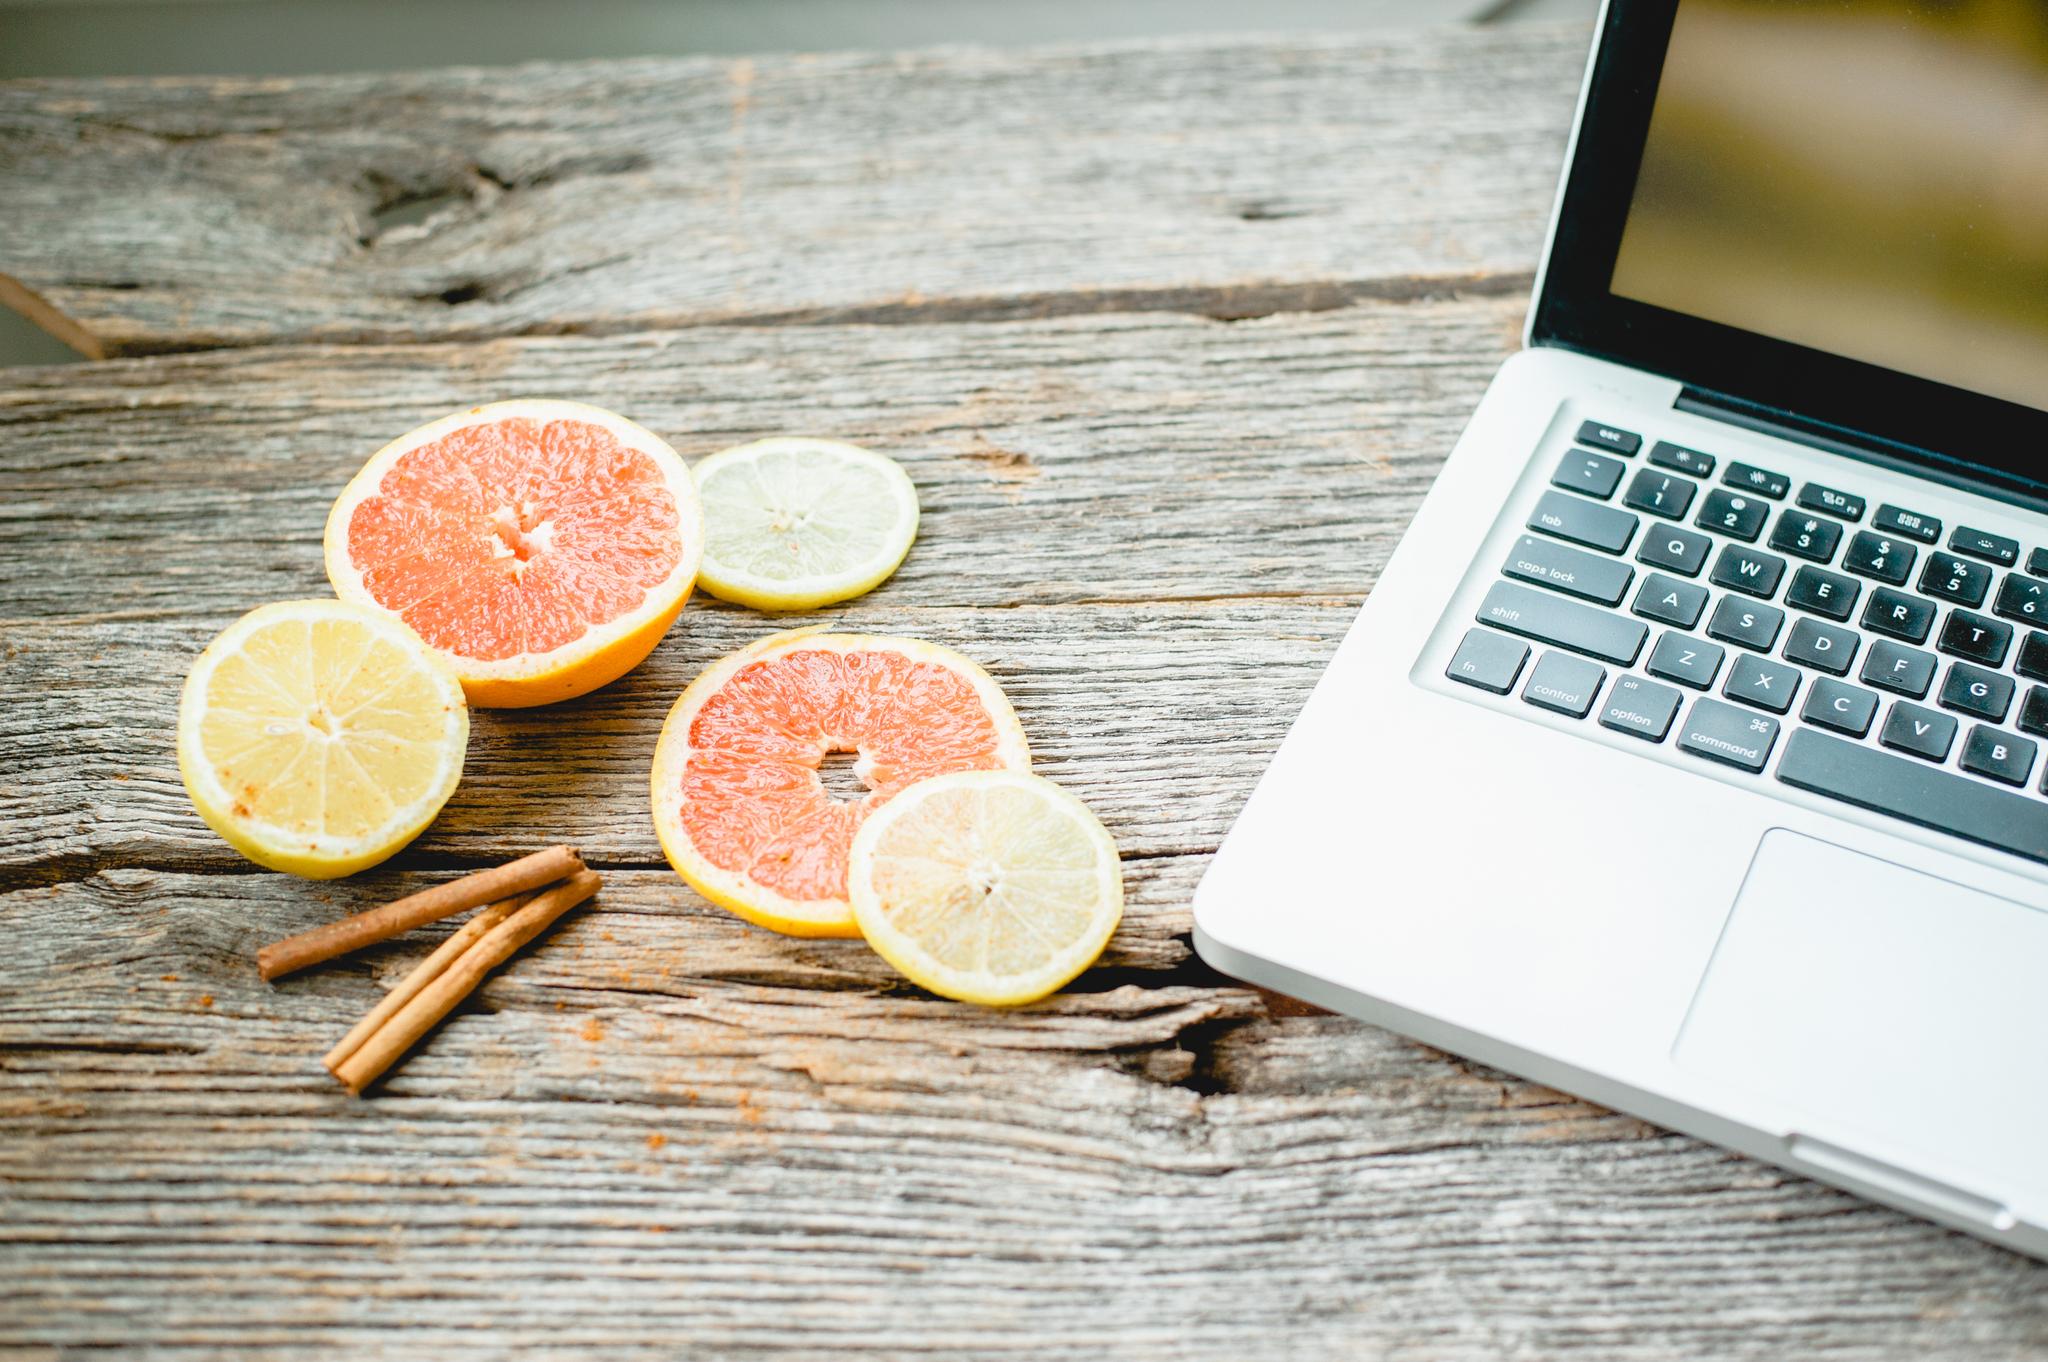 Got wellness website envy? Use better stock photos!